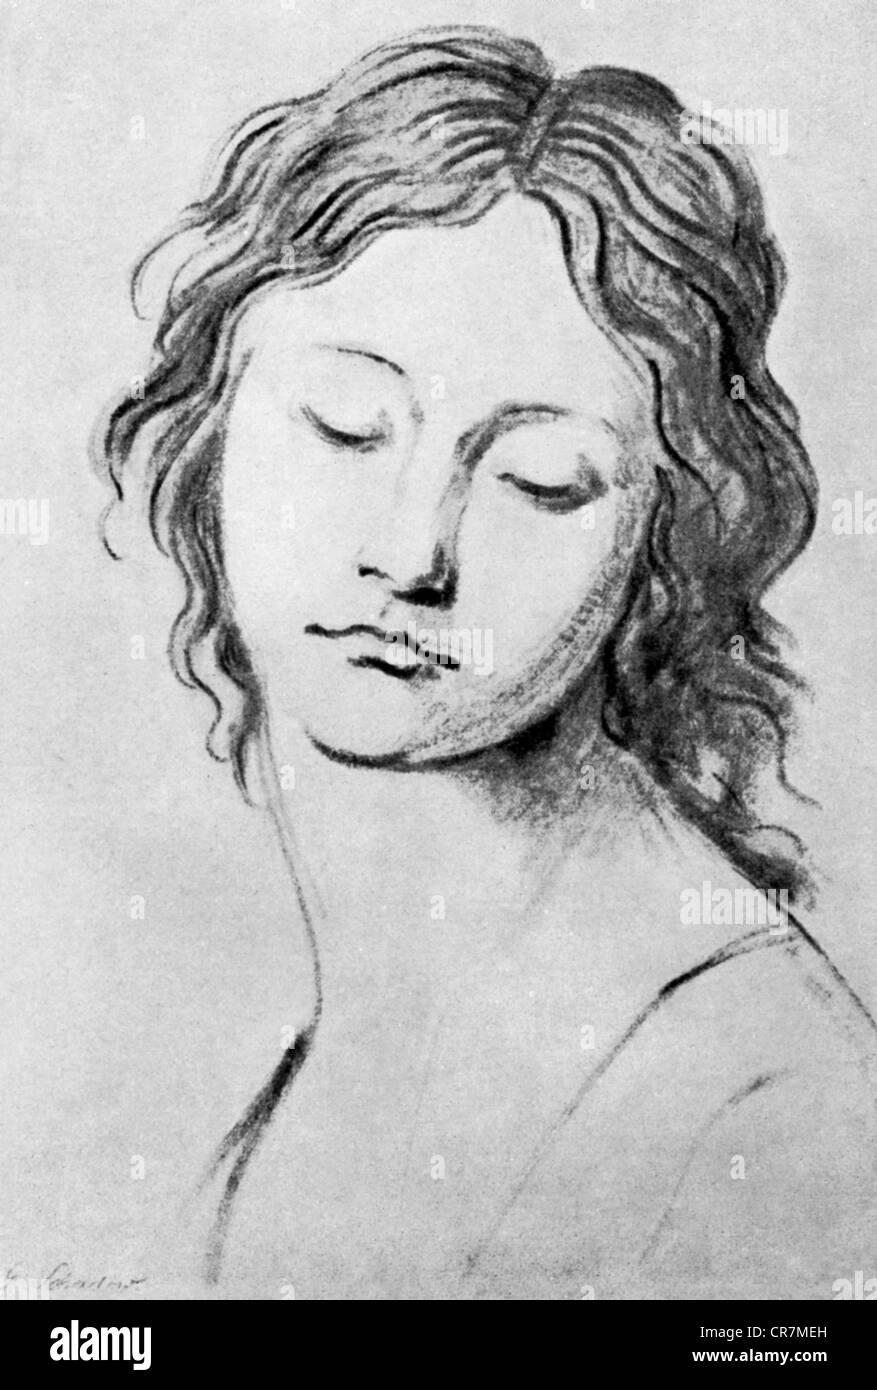 Schadow, Johann Gottfried, 20.5.1764 - 27.1.1850, deutscher Bildhauer und Grafiker, Werke, Porträt einer jungen Stockbild